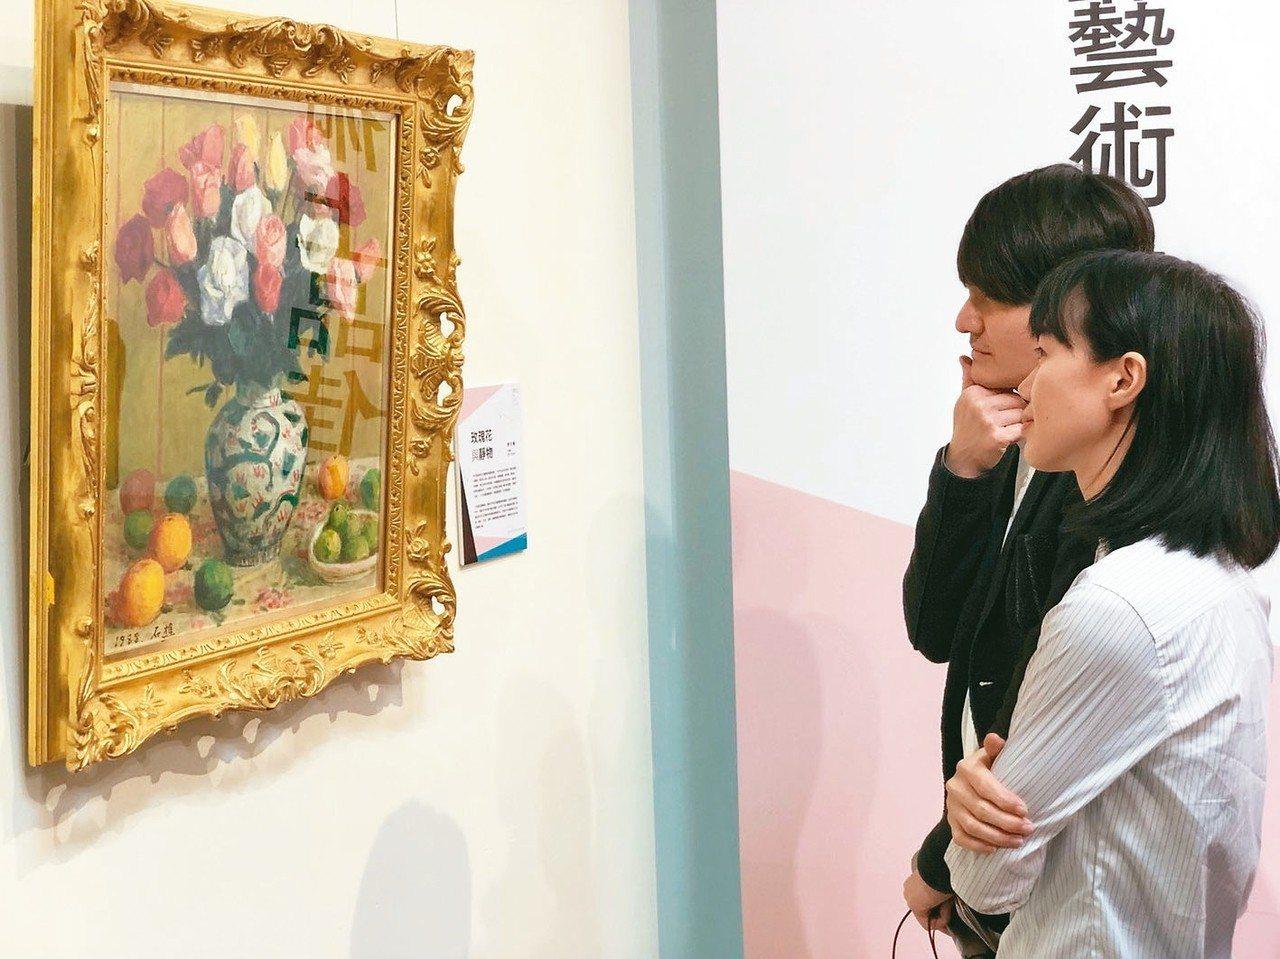 新北市美術家雙年展昨起開展,展出前輩畫家李石樵作品「玫瑰花與靜物」,是他晚期寫實...